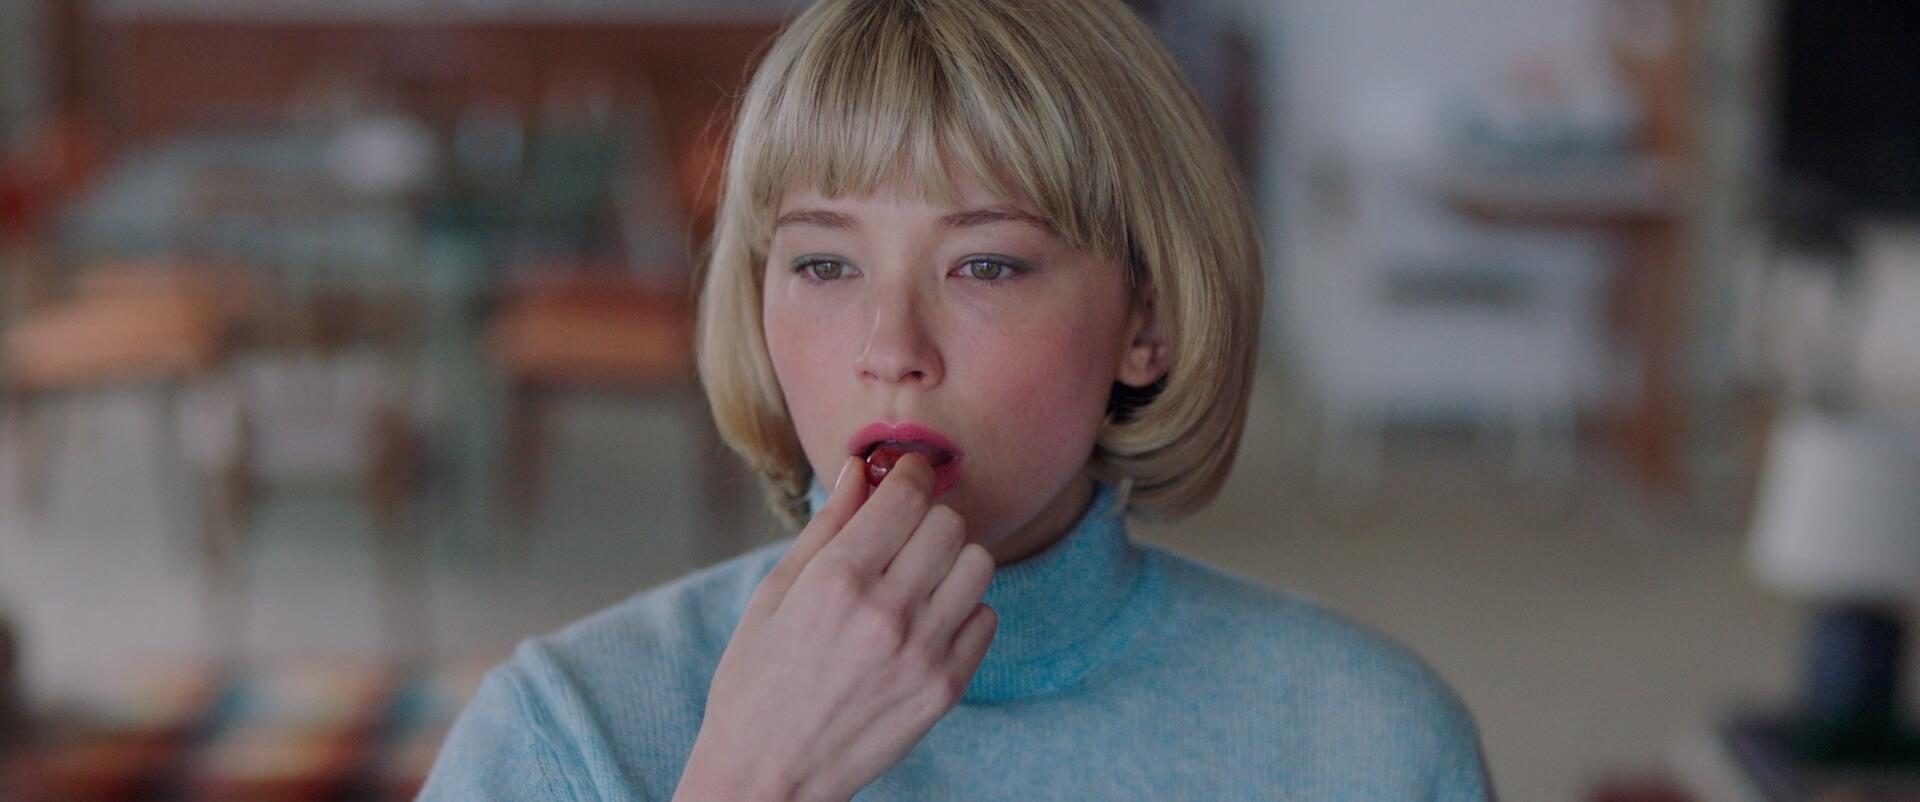 美しくも恐ろしく衝撃的なスリラー!ヘイリー・ベネット主演映画『Swallow/スワロウ』が公開決定&日本版アートワークも解禁 film201113_swallow_1